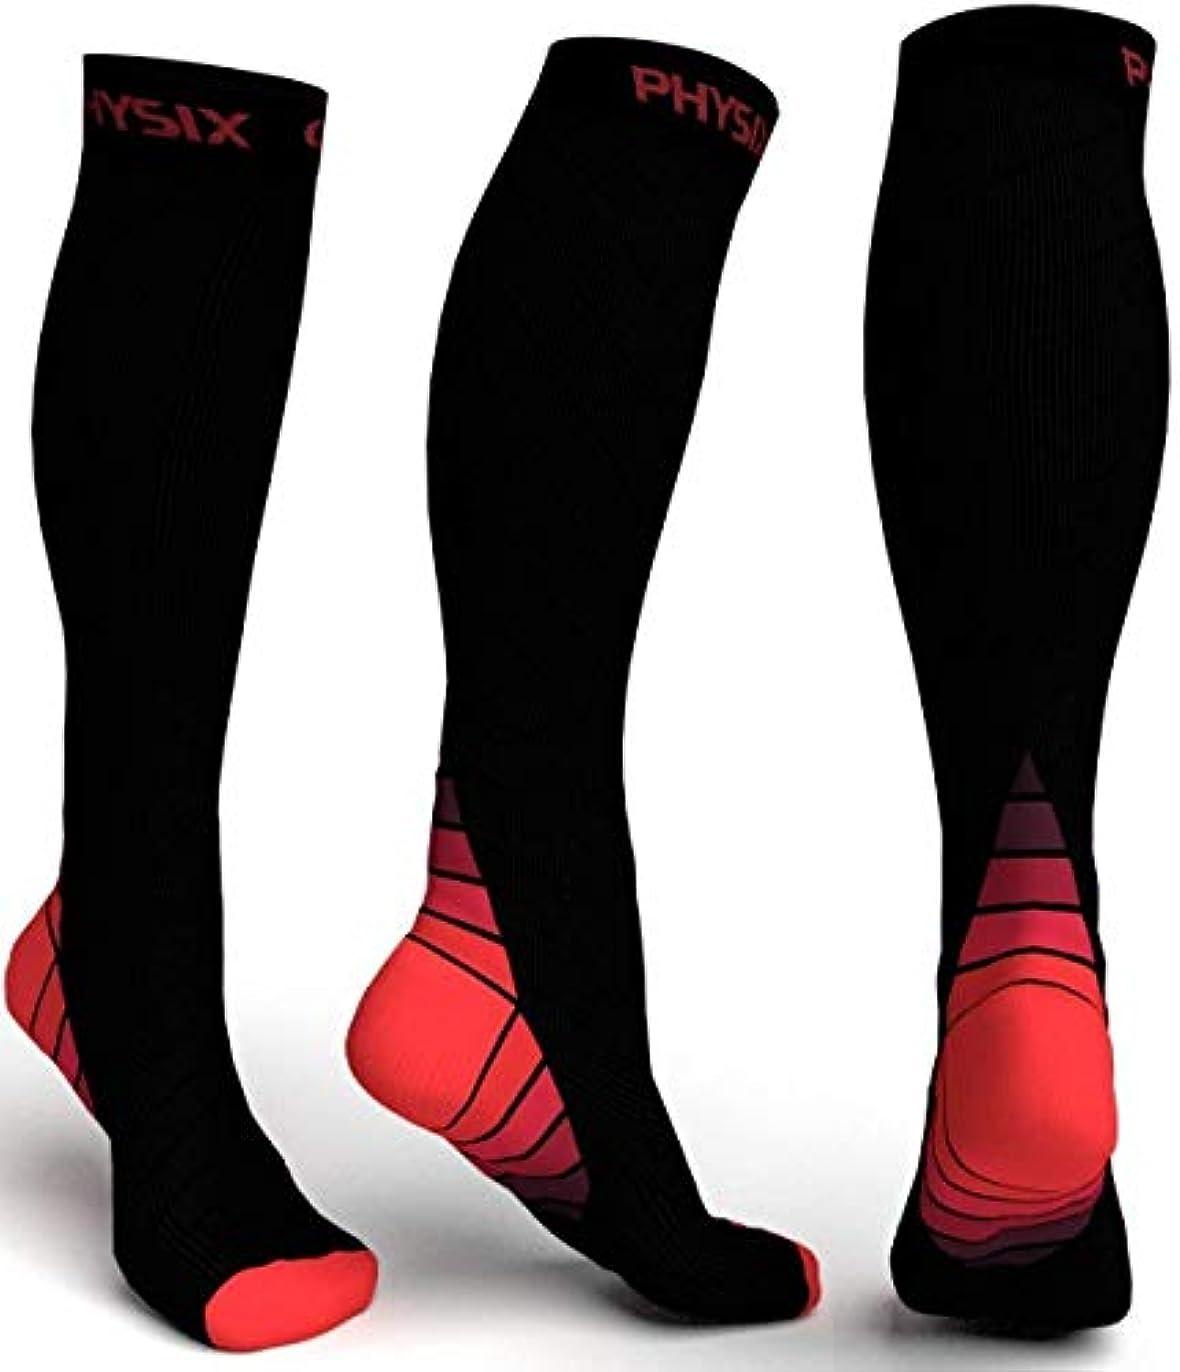 ホーム楽しませる健康Physix Gearコンプレッションソックス男性用/女性用(20?30 mmHg)最高の段階的なフィット ランニング、看護、過労性脛部痛、フライトトラベル&マタニティ妊娠 – スタミナ、循環&回復 (BLACK & RED...